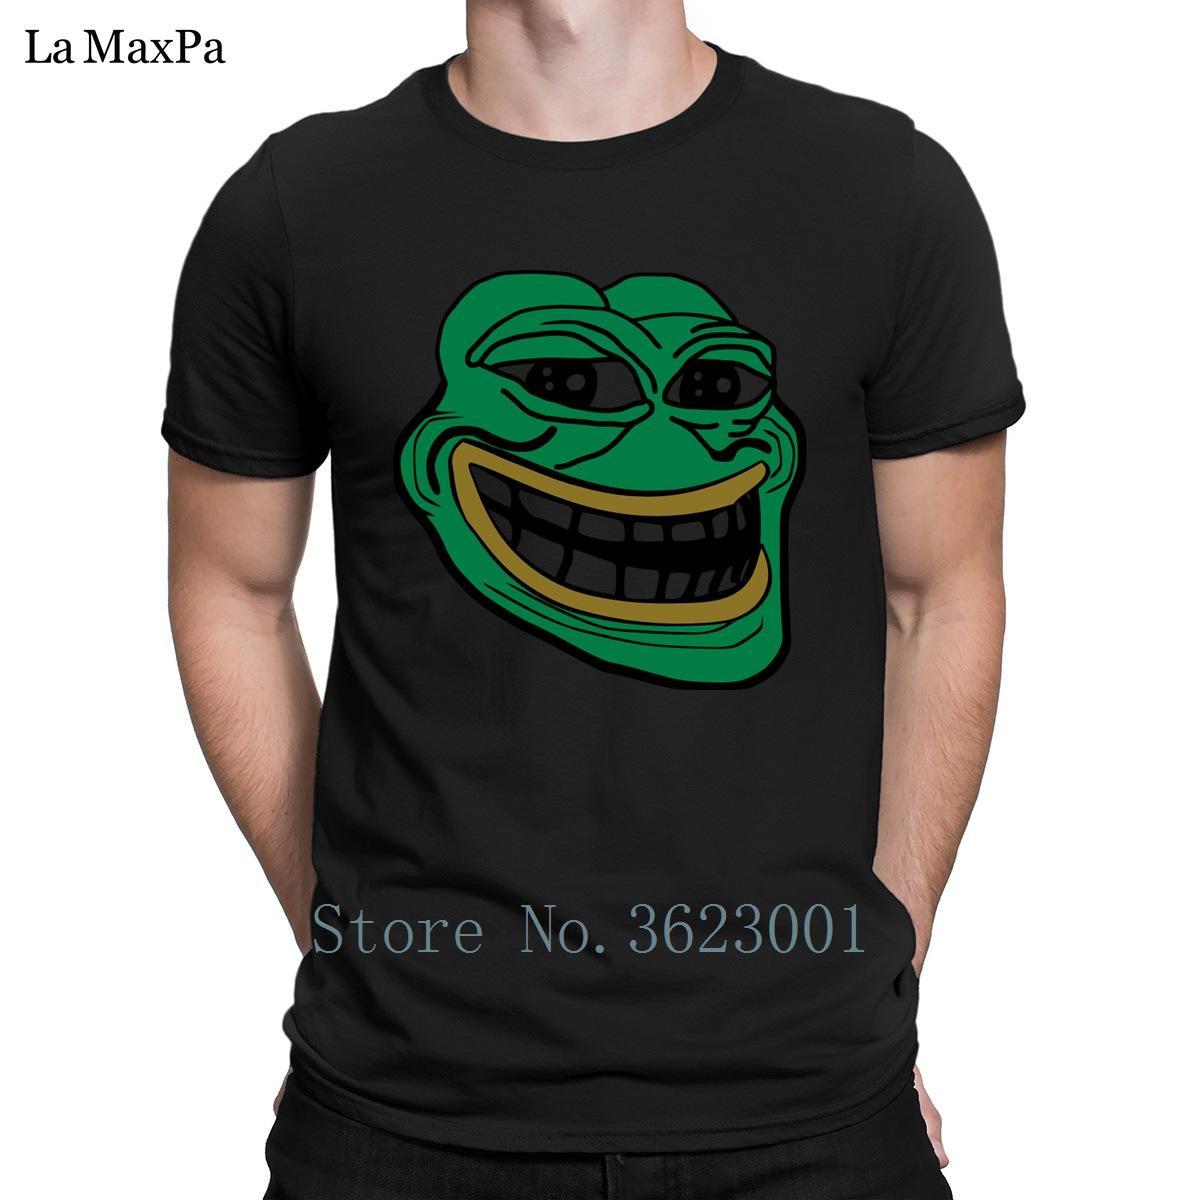 Печать Letters Men T Shirt Solid Color Pepe троллей Frog T-Shirt Повседневная стильная футболка Crew Neck Tee Shirt For Men Fit